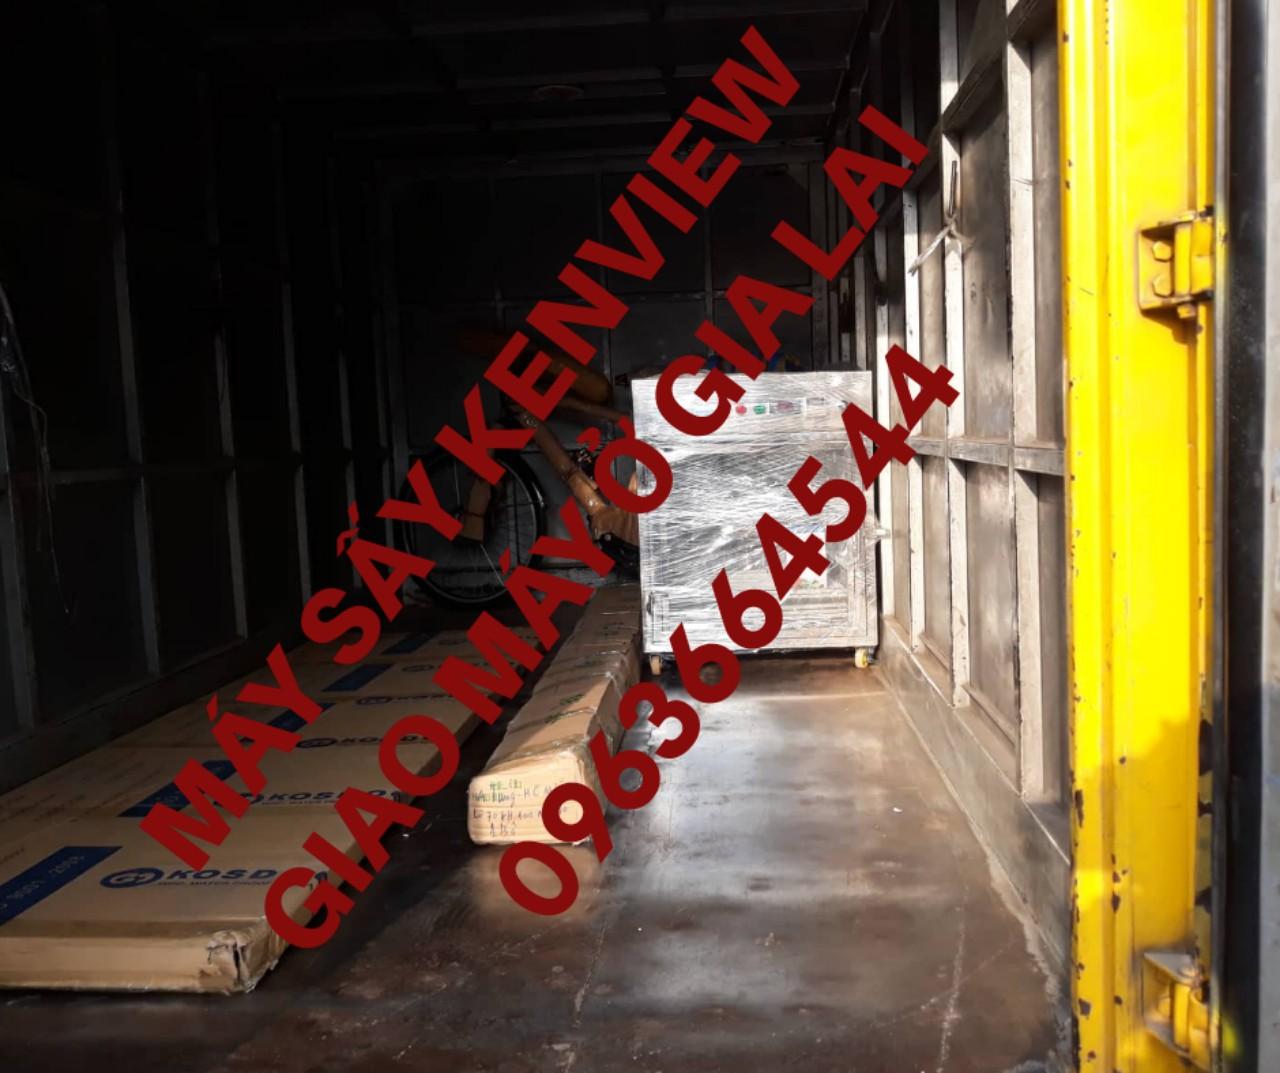 Cung cấp máy sấy nông sản, macca ở Gia Lai 0963664544